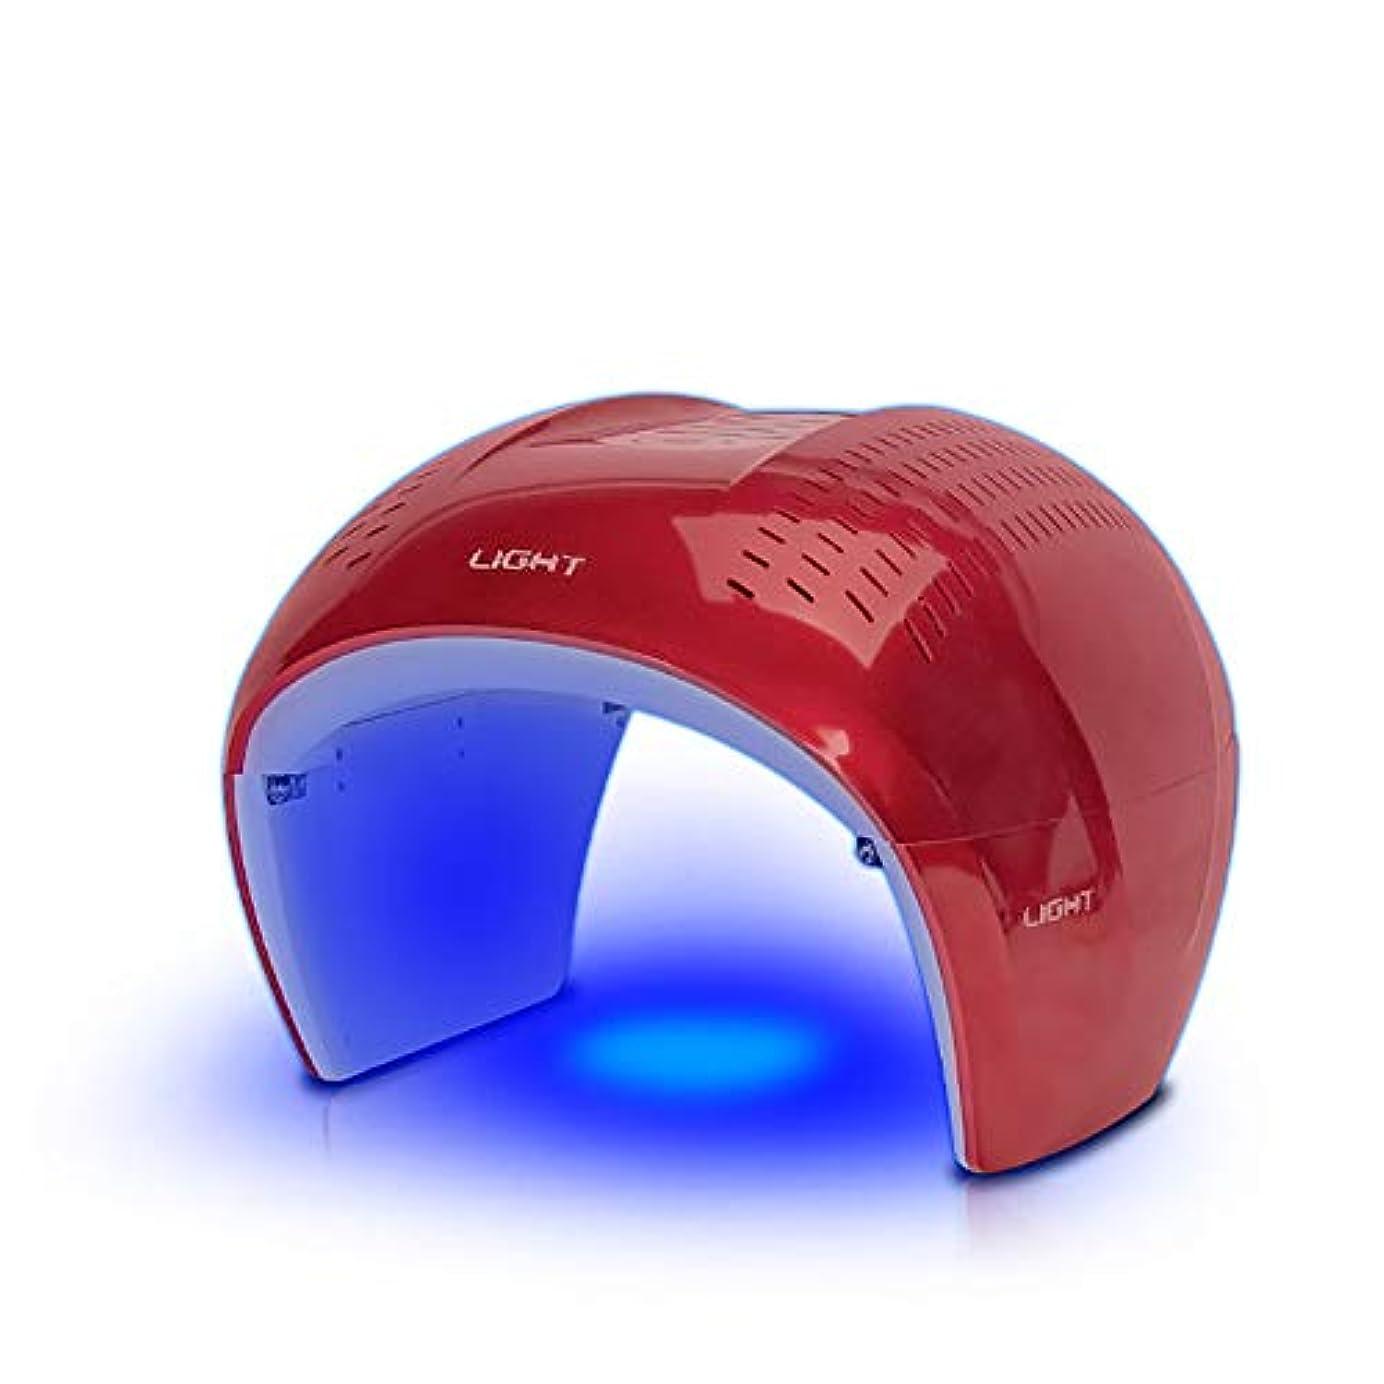 文明化レッスン連結する7色光療法機led、光光線力学肌の若返りランプ、サロンスパアンチエイジングスキンケアデバイス、フェイシャルマスクマッサージ機